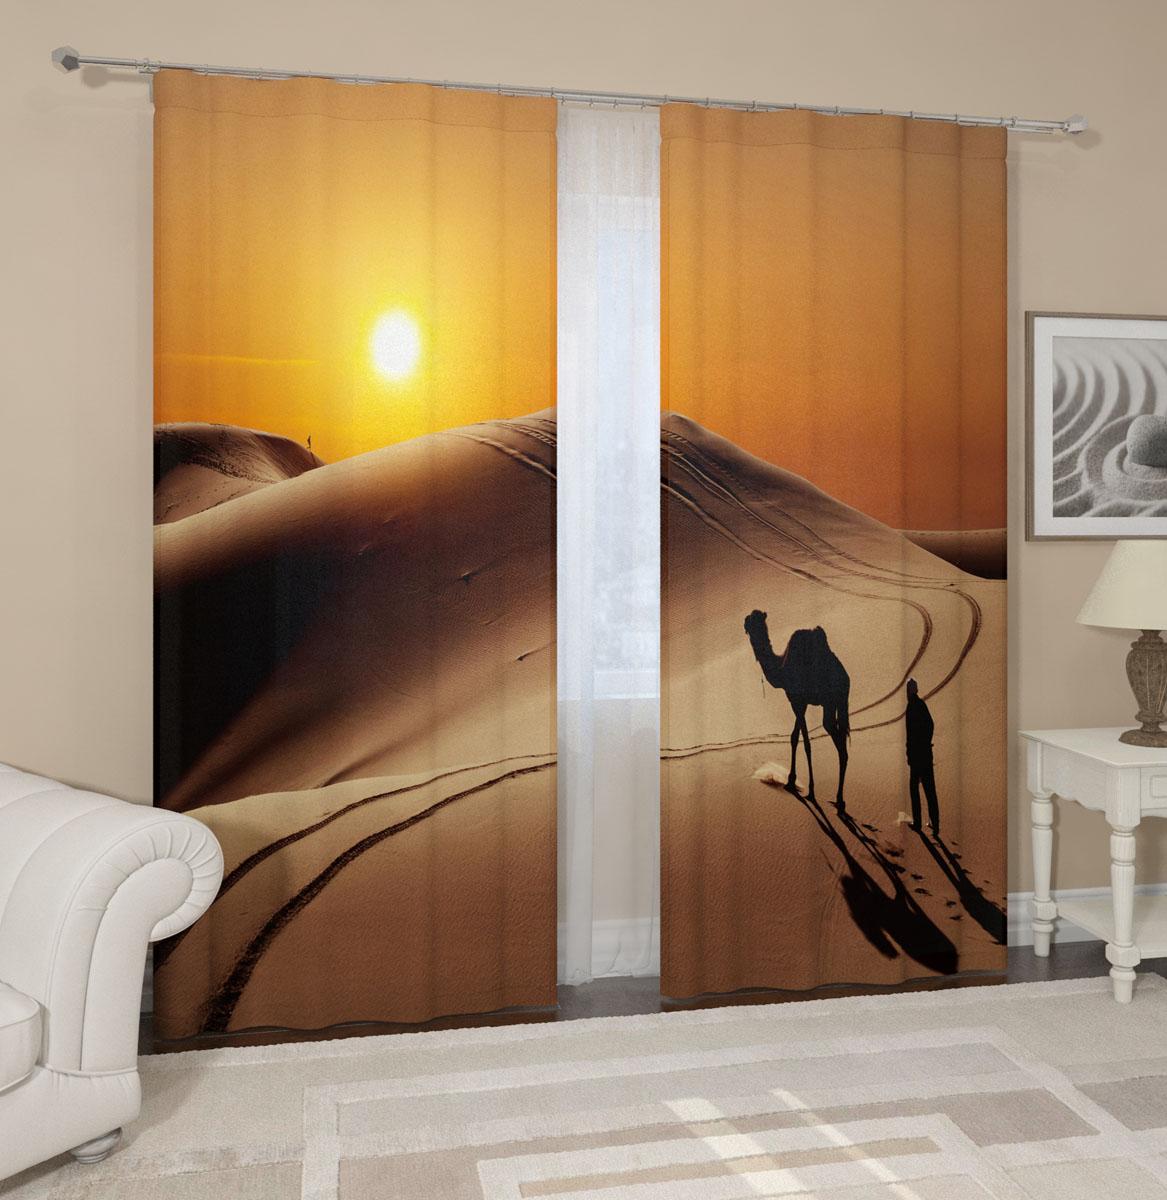 Комплект фотоштор Сирень Пустыня, на ленте, высота 260 см комплект штор сирень в сиреневых тонах на ленте высота 260 см